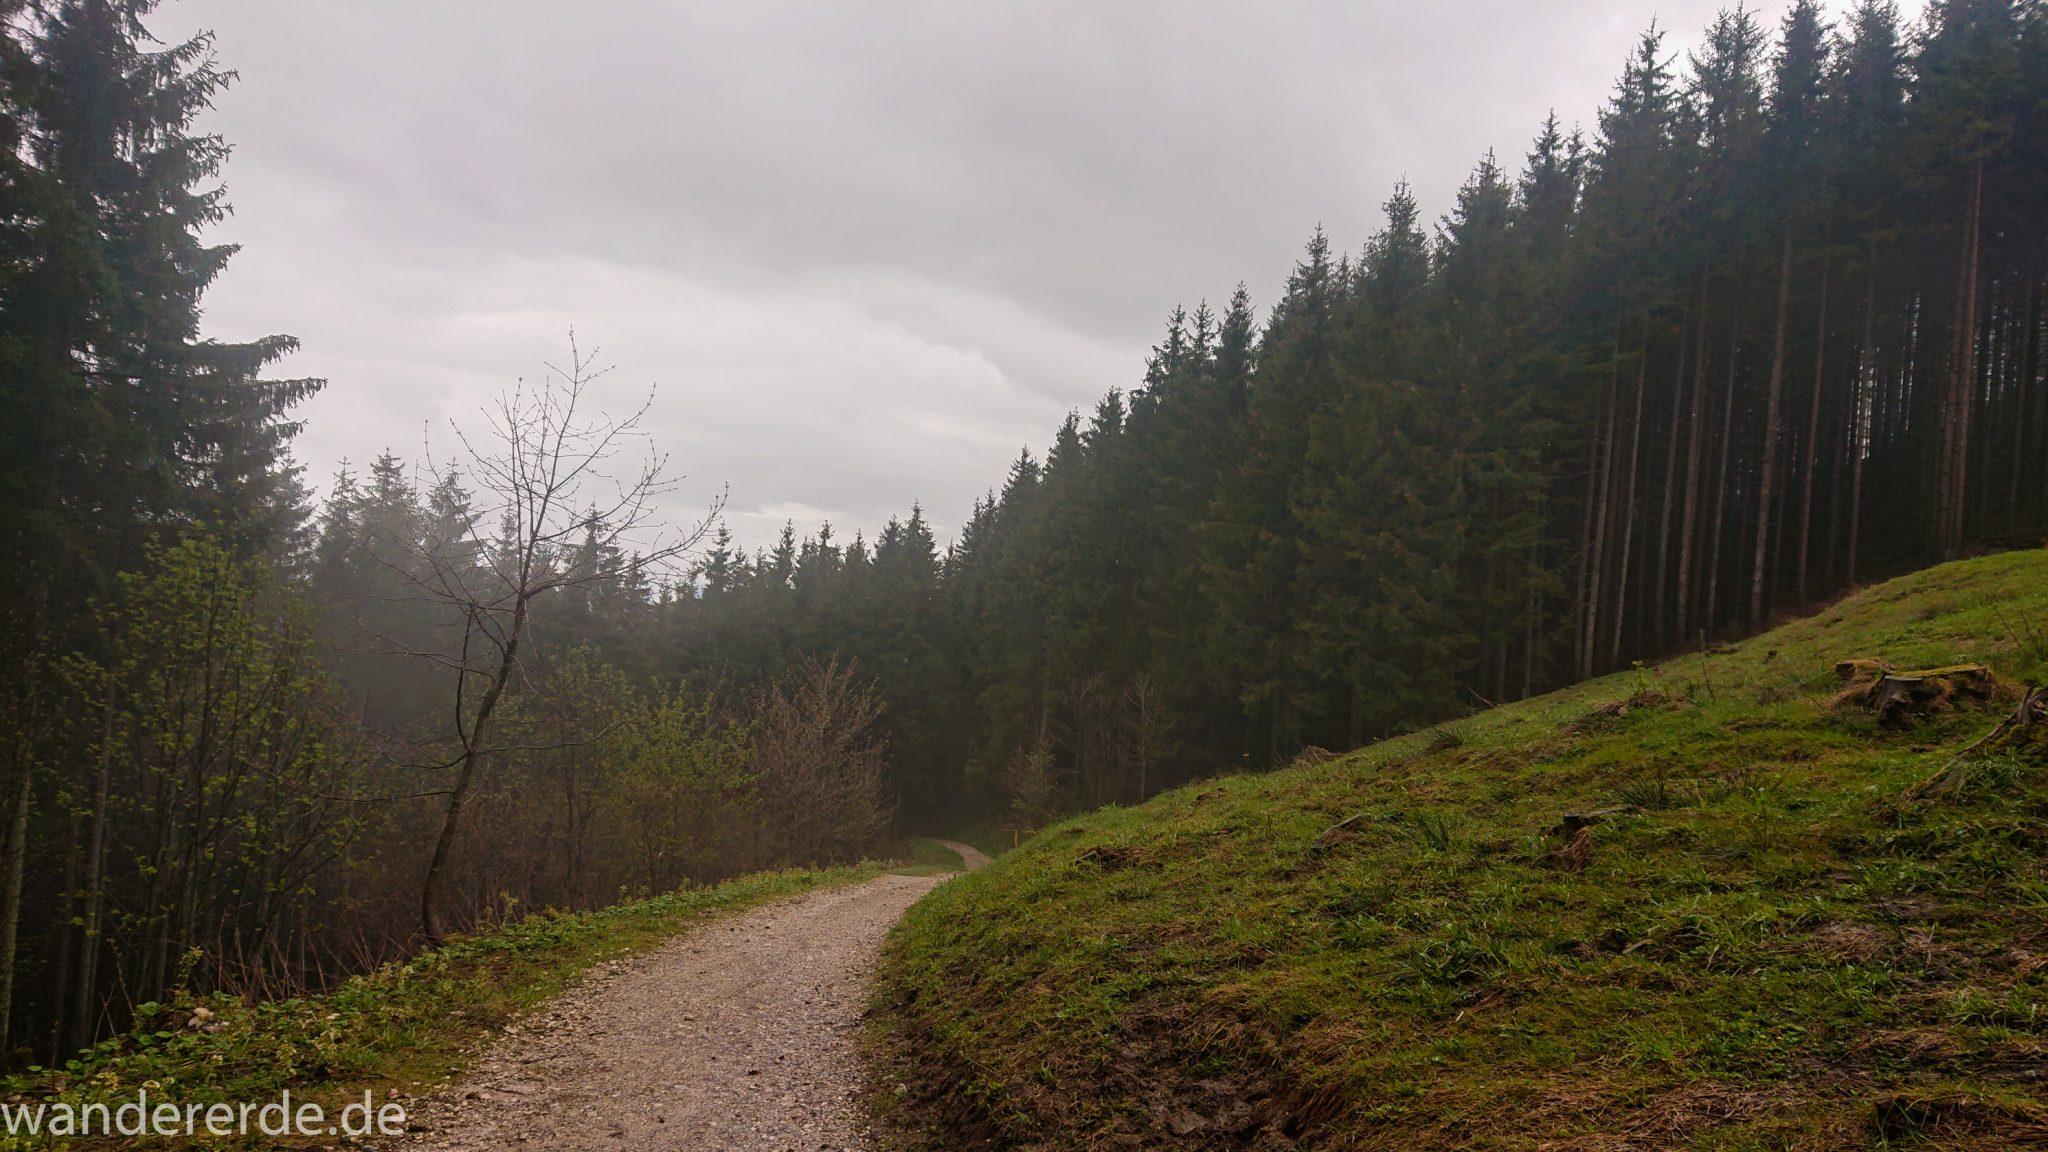 Tegelbergkopf Wanderung bei Stadt Füssen – Parkplatz Drehhütte bis Rohrkopfhütte, Wanderweg durch schönen und dichten Wald, wolkig, tolle Atmosphäre, saftig grüne Wiese